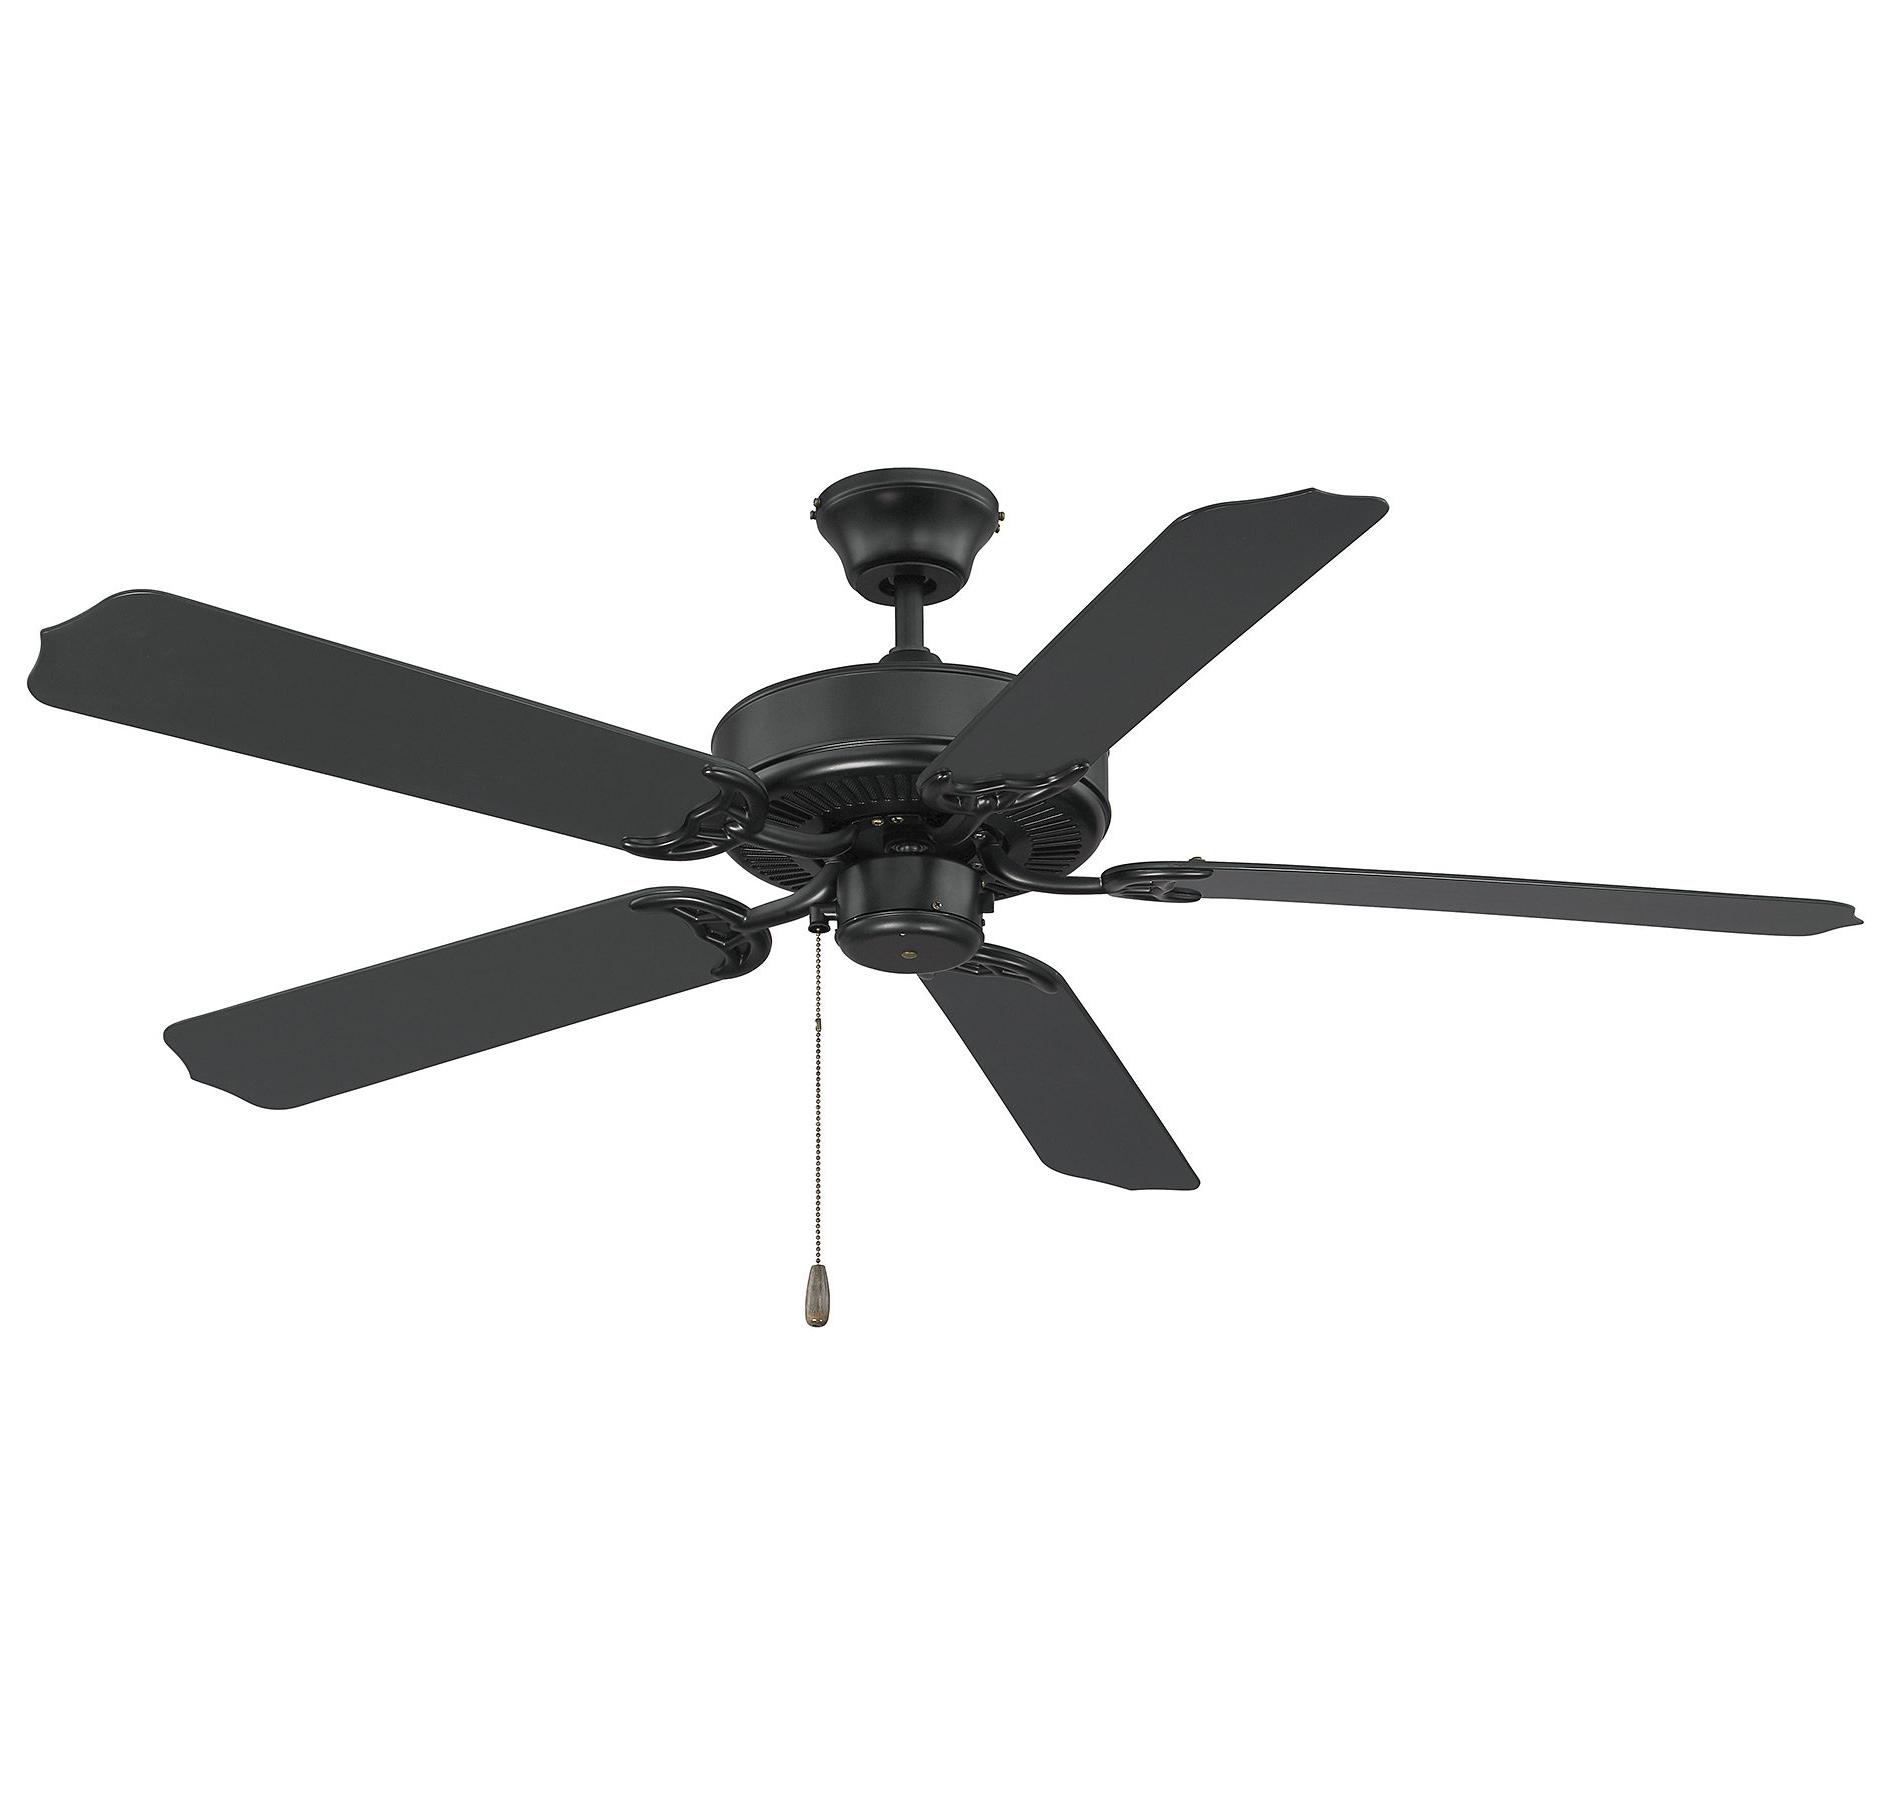 """2020 Blomquist 5 Blade Outdoor Ceiling Fans Pertaining To 52"""" Blomquist 5 Blade Outdoor Ceiling Fan (View 1 of 20)"""